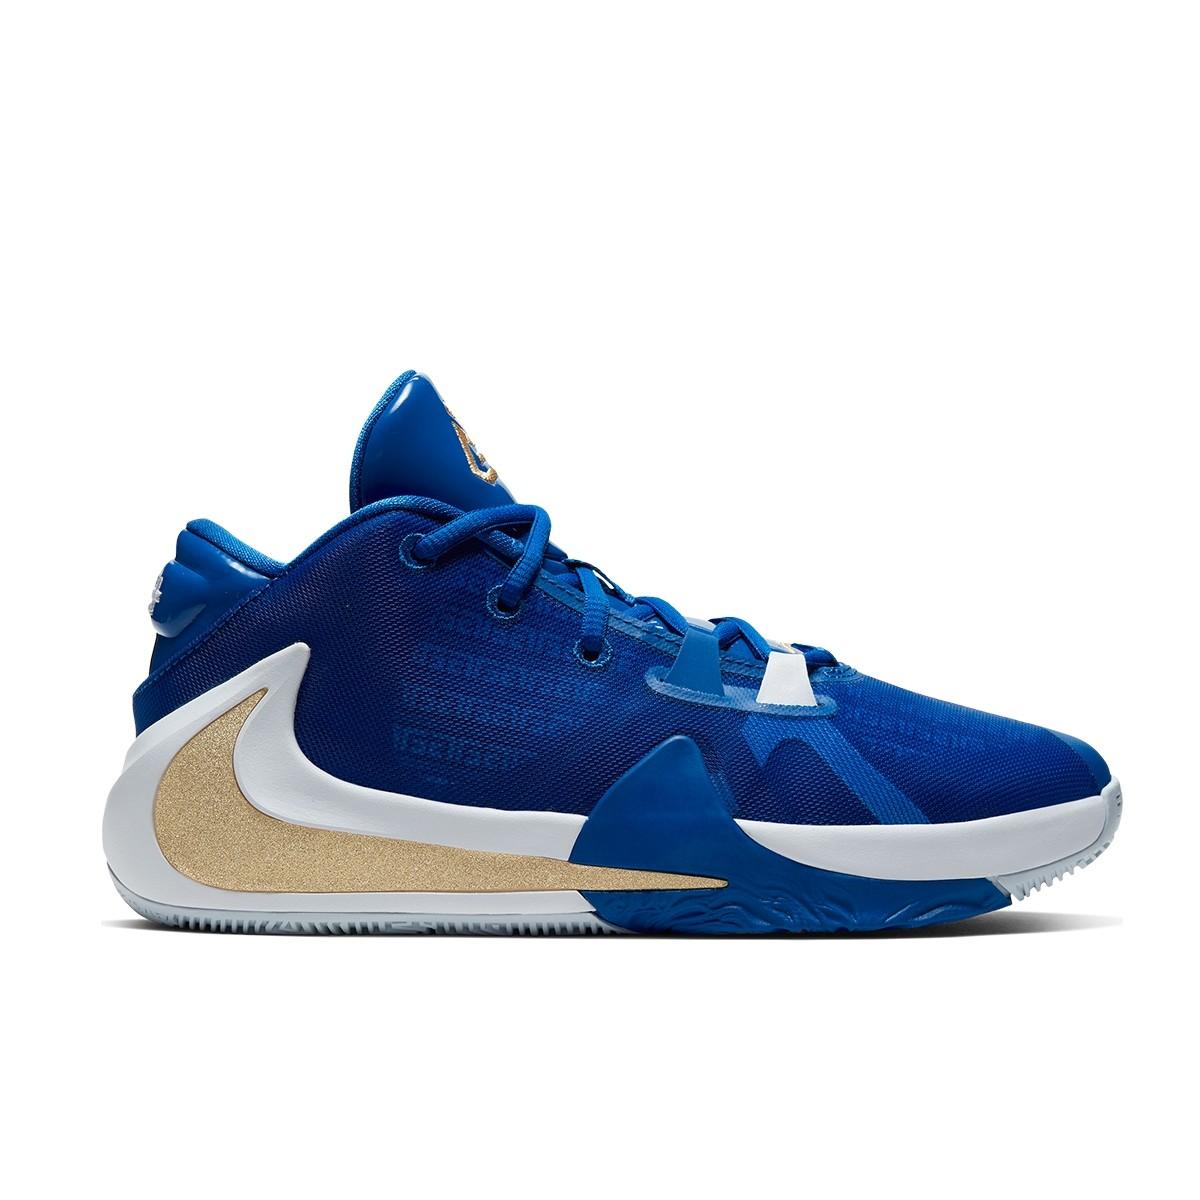 Nike Freak 1 GS 'Greece'